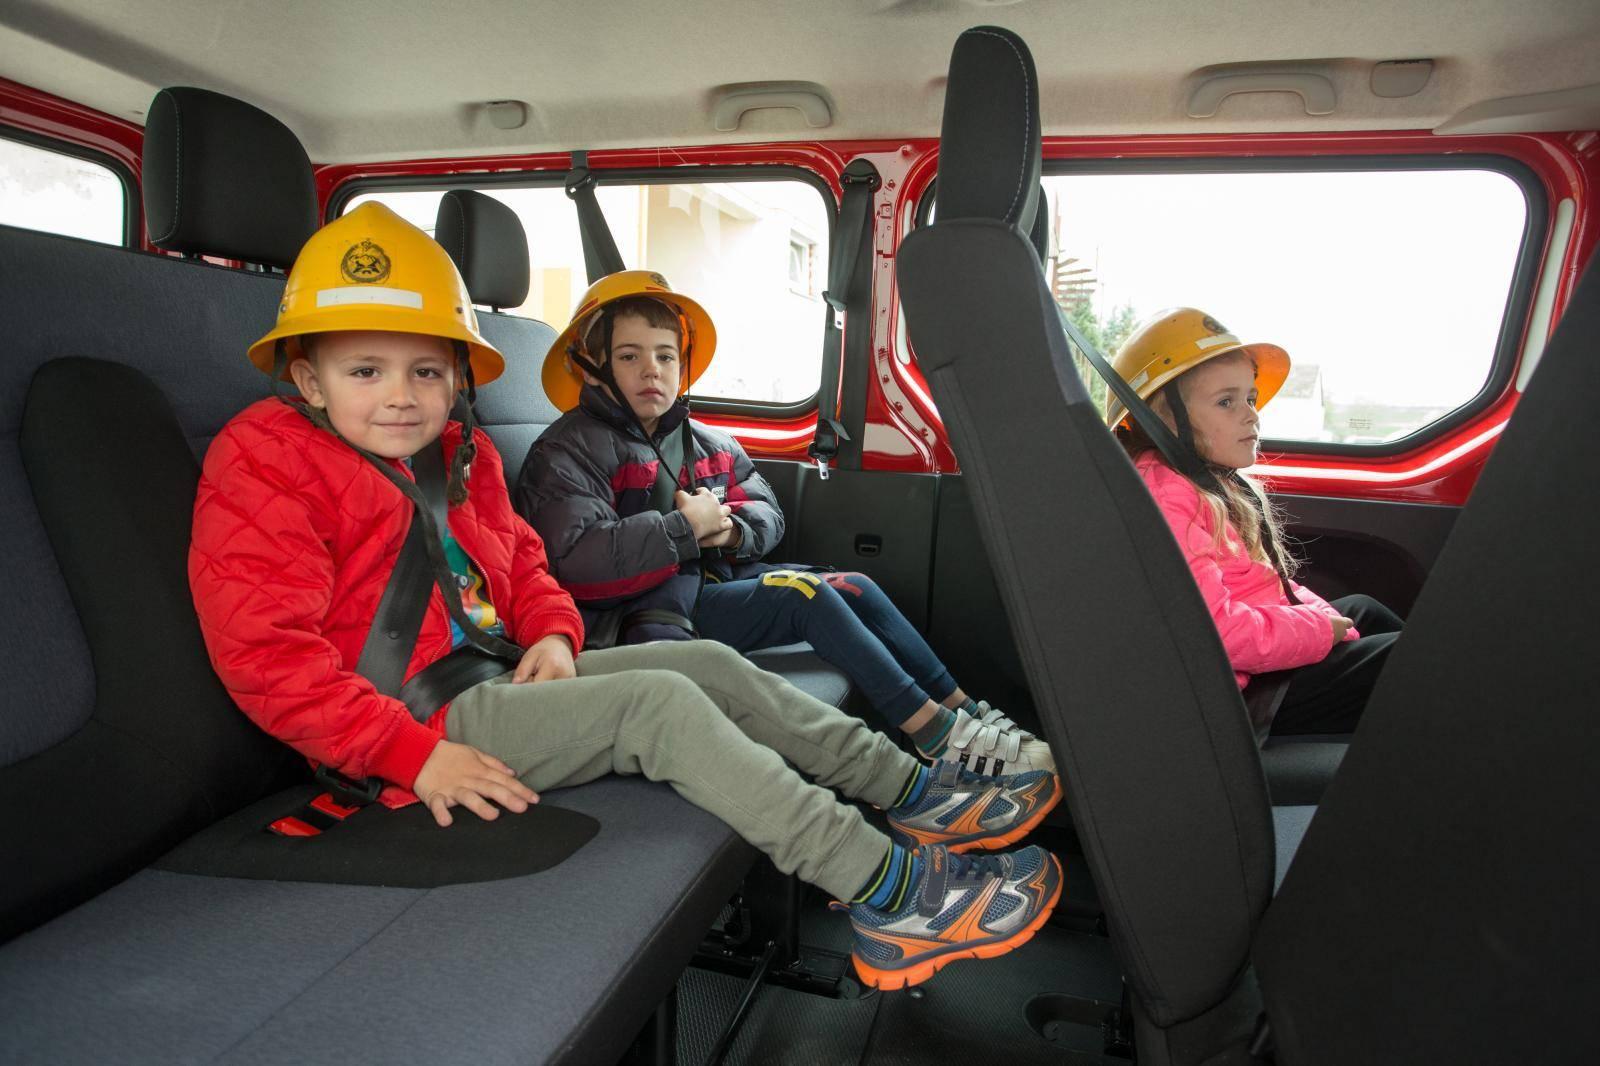 Uživaju u vožnji: Uz sirene i rotirke u školu s vatrogascima